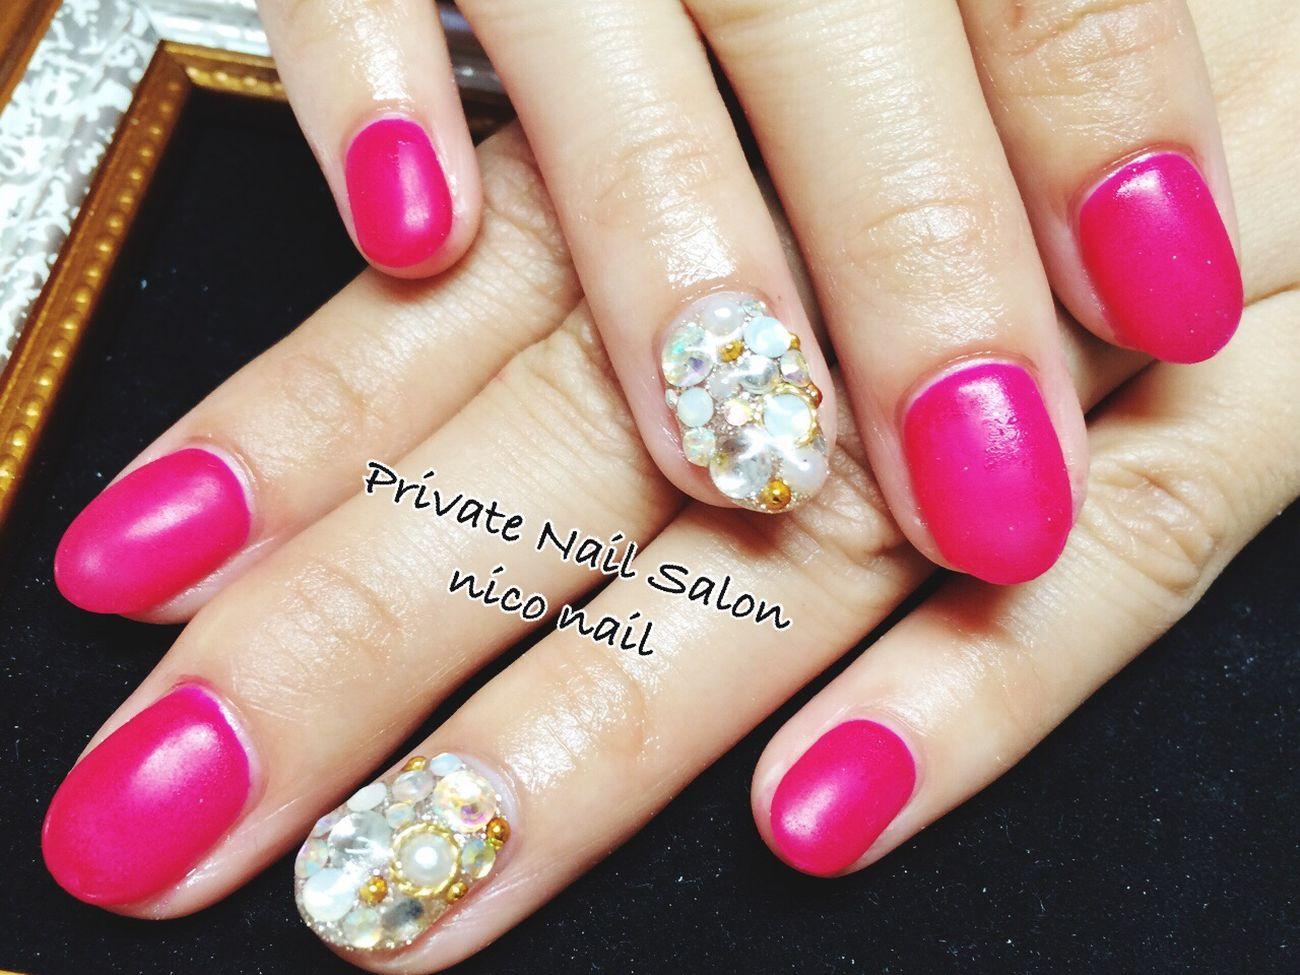 お客様ネイル 自宅ネイル Pink マットネイル シンプル 格安 スワロフスキー 可愛い